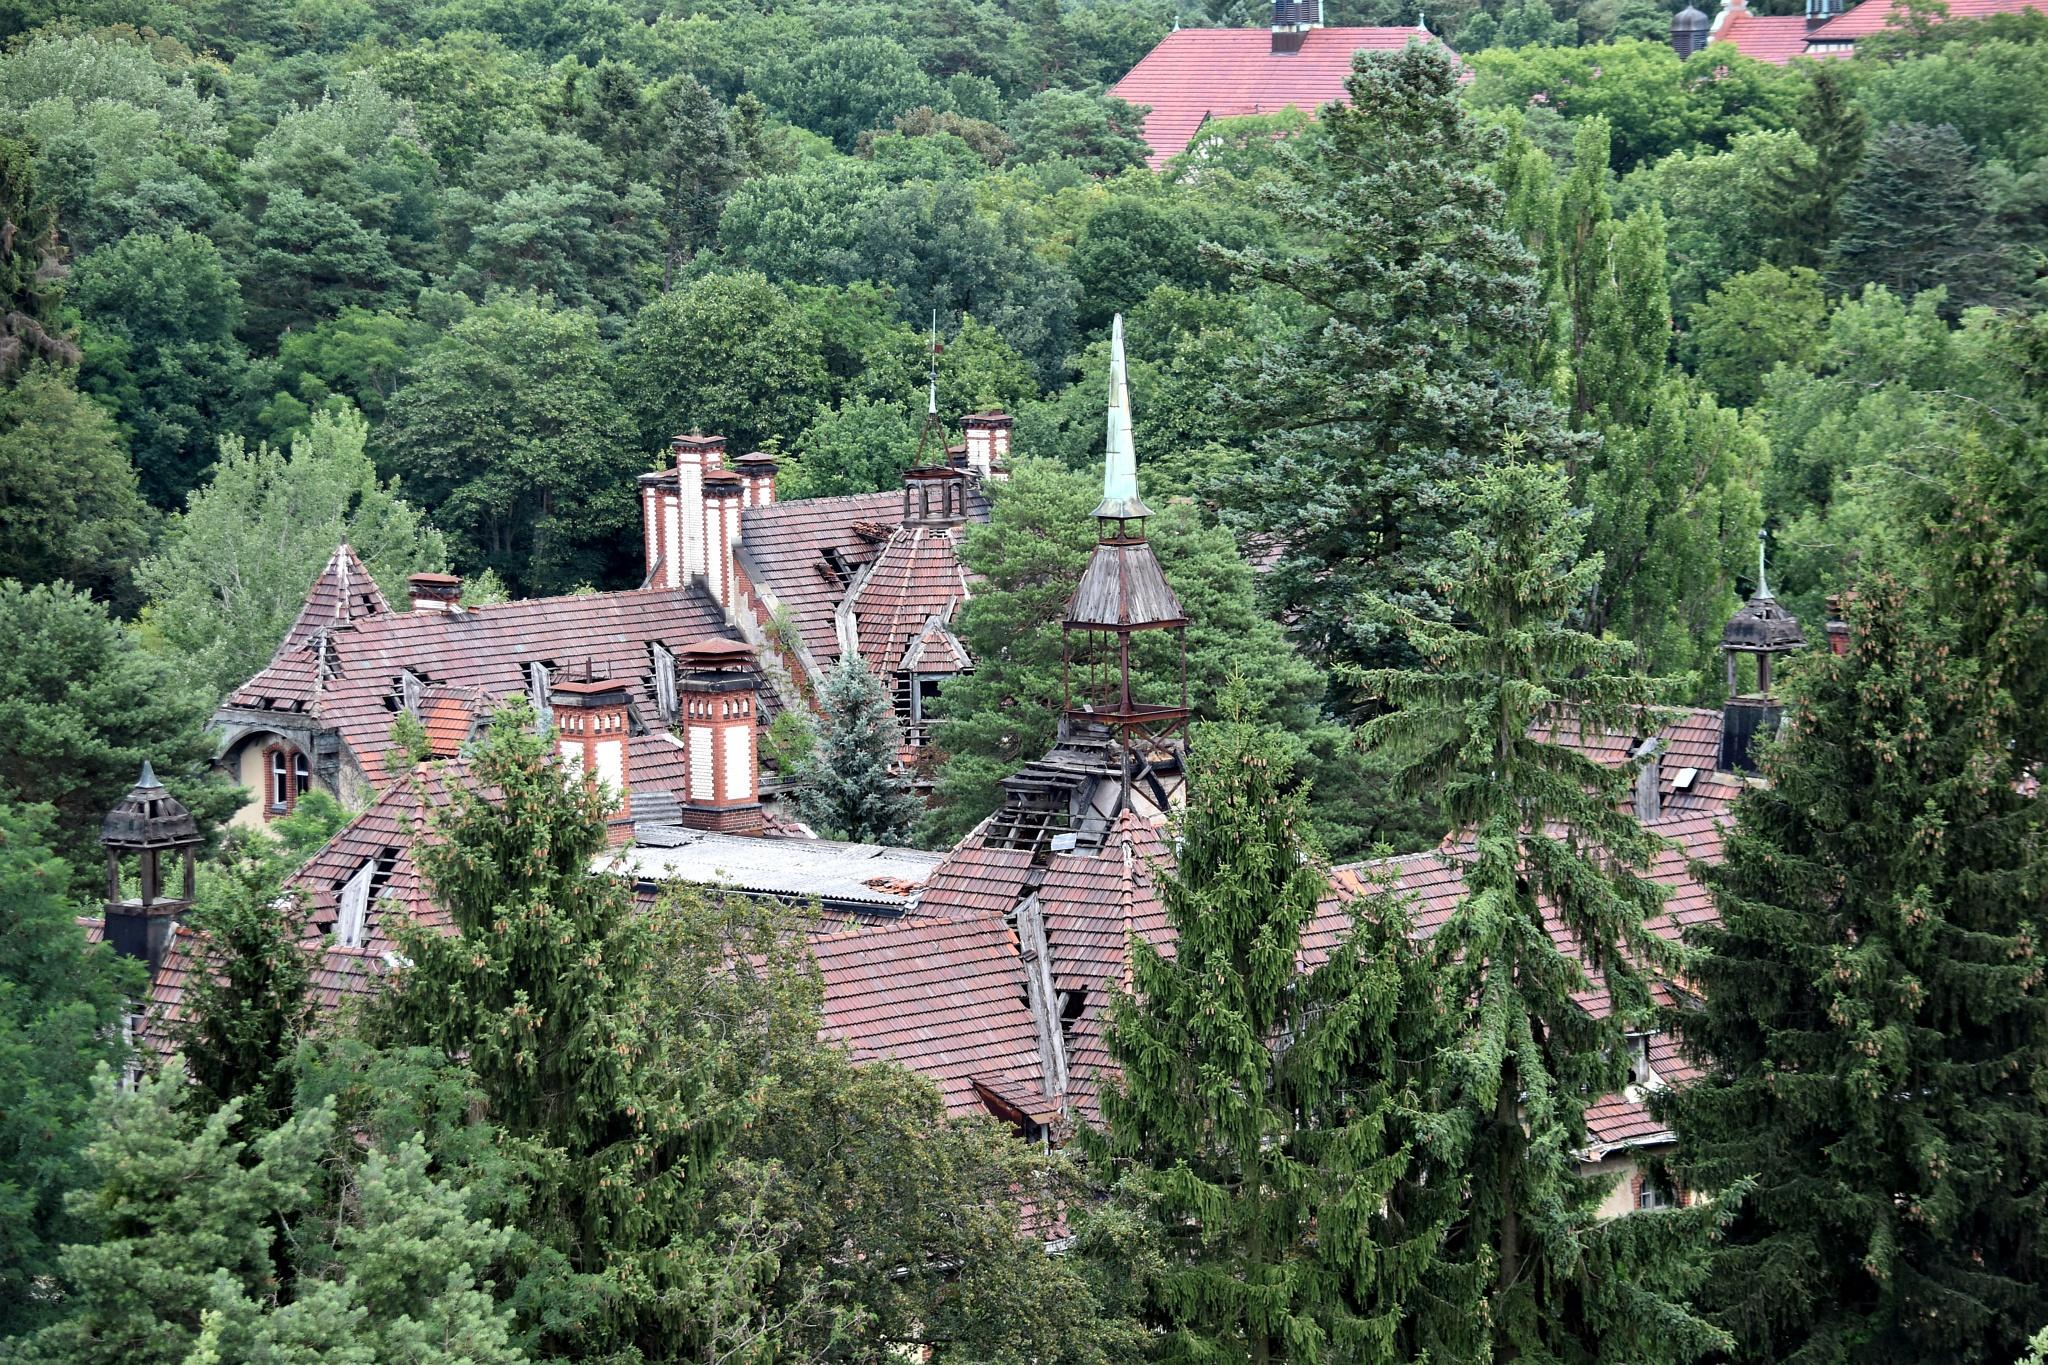 Beelitzer Heilstätten 2 by ronny.gebs